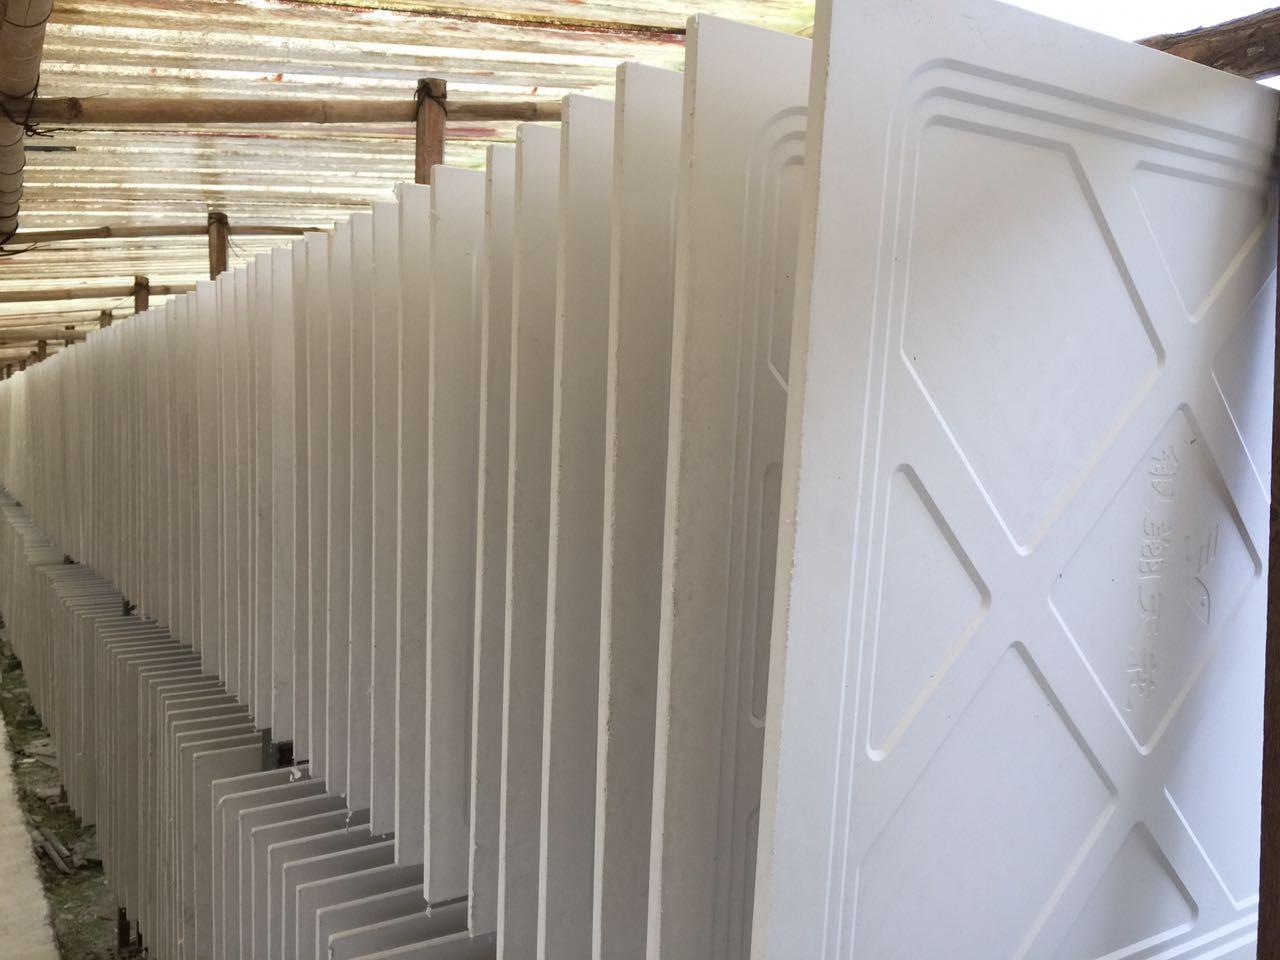 介绍一下常见的纸面石膏板有哪几种